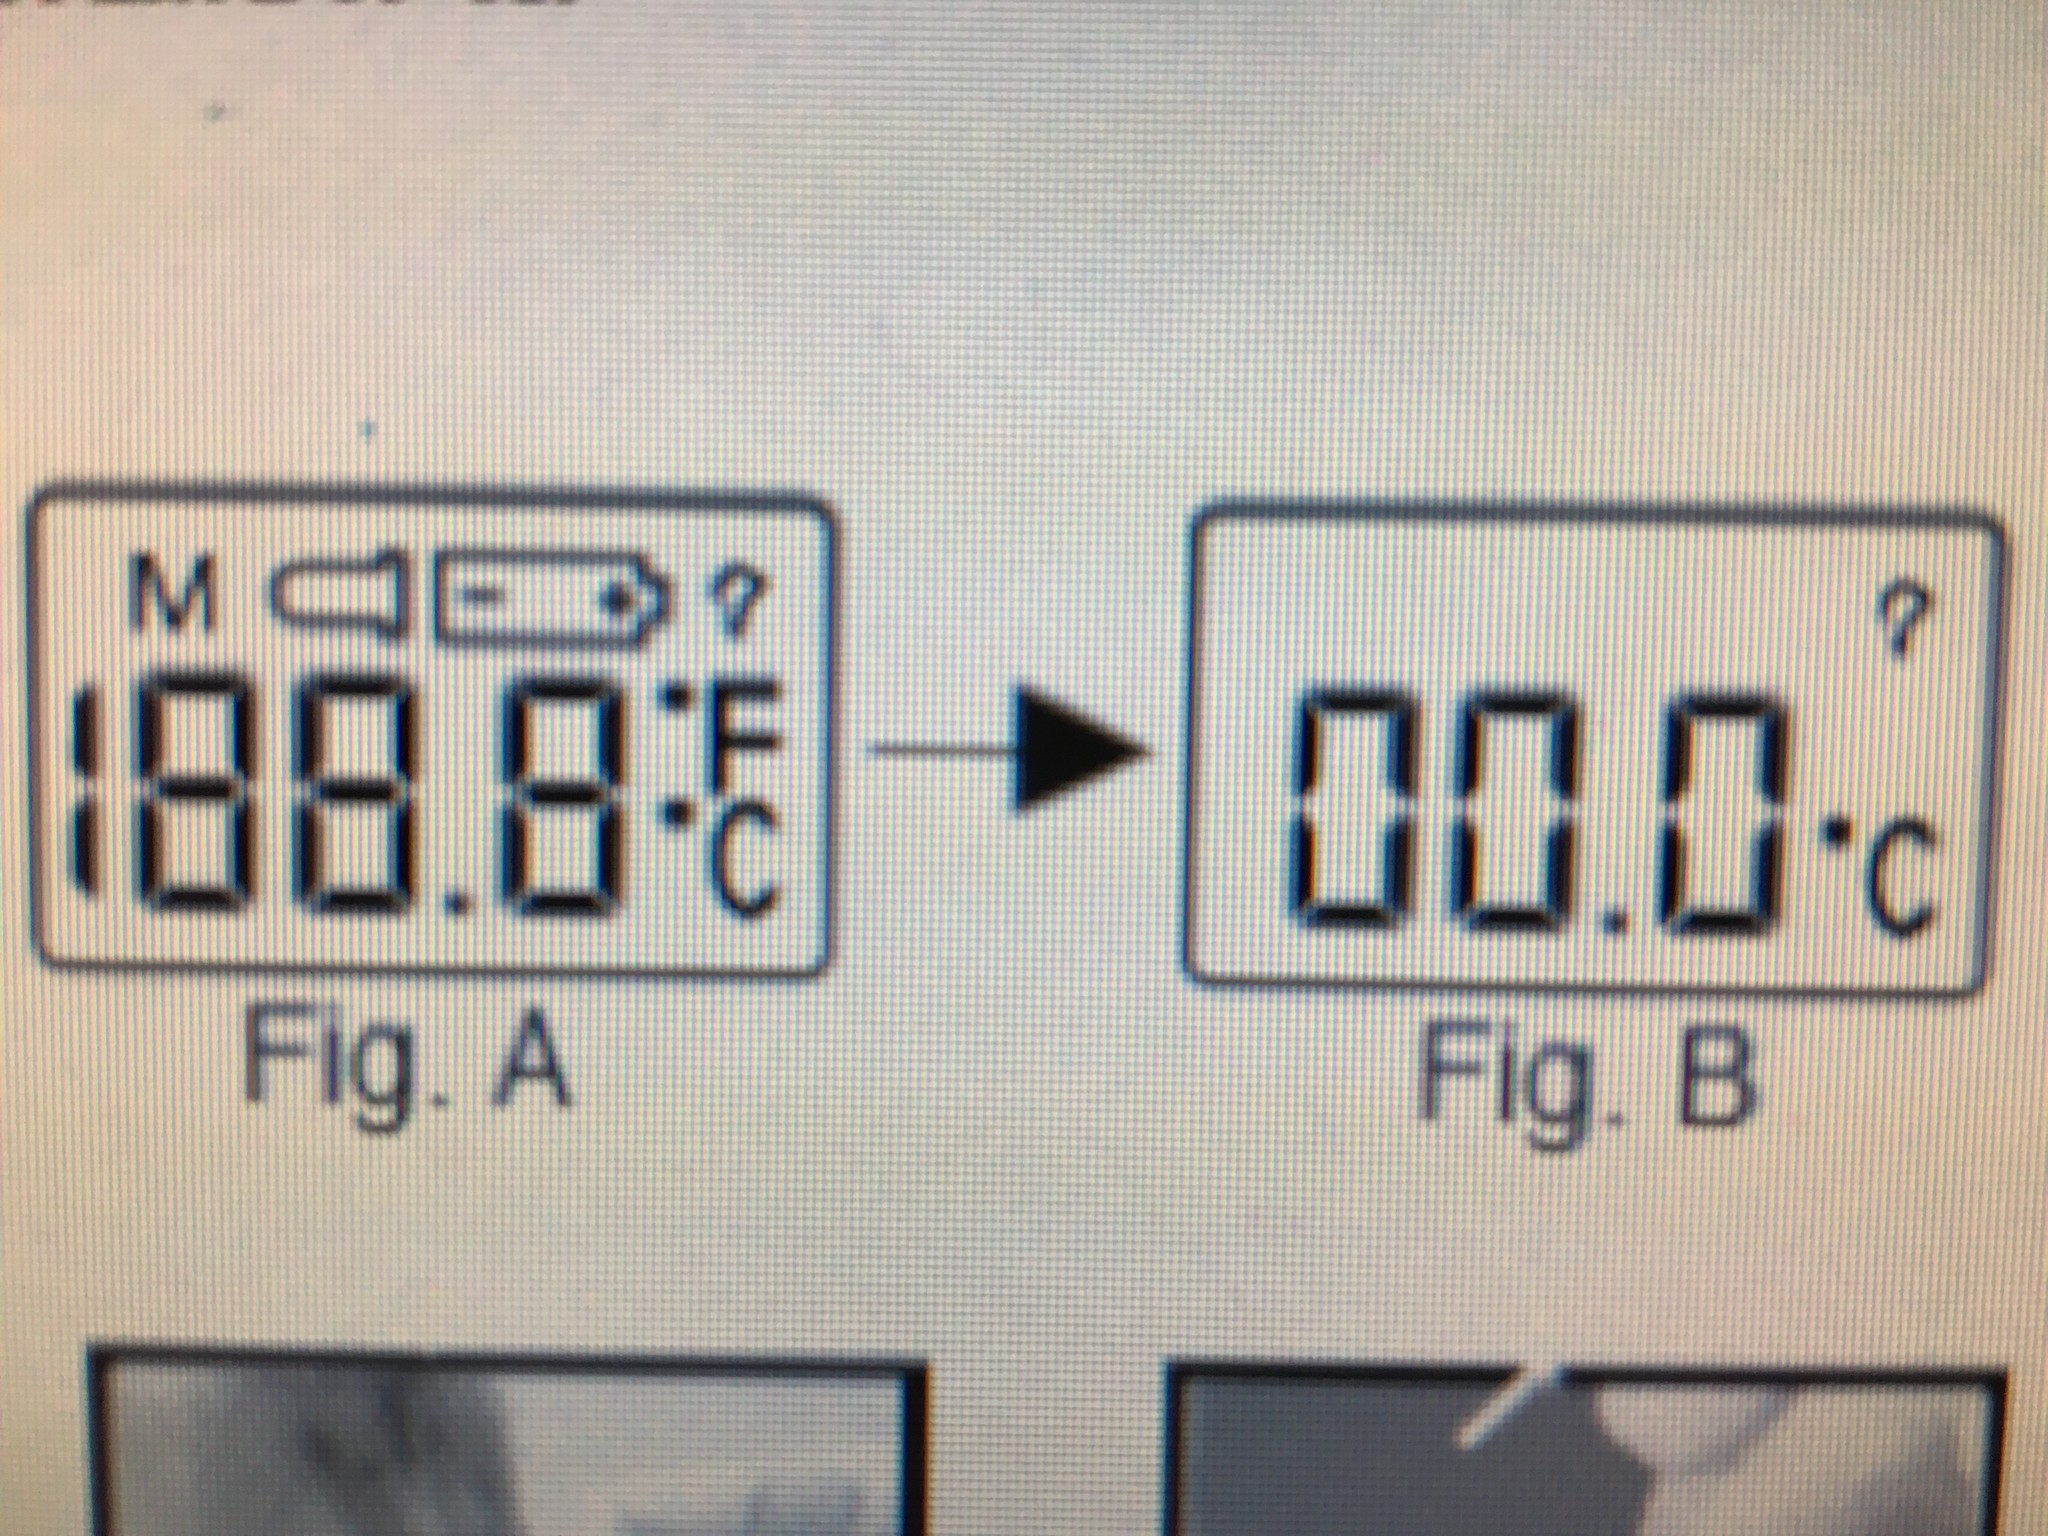 Infrarood oorthermometer gebruik zonder lenskapjes